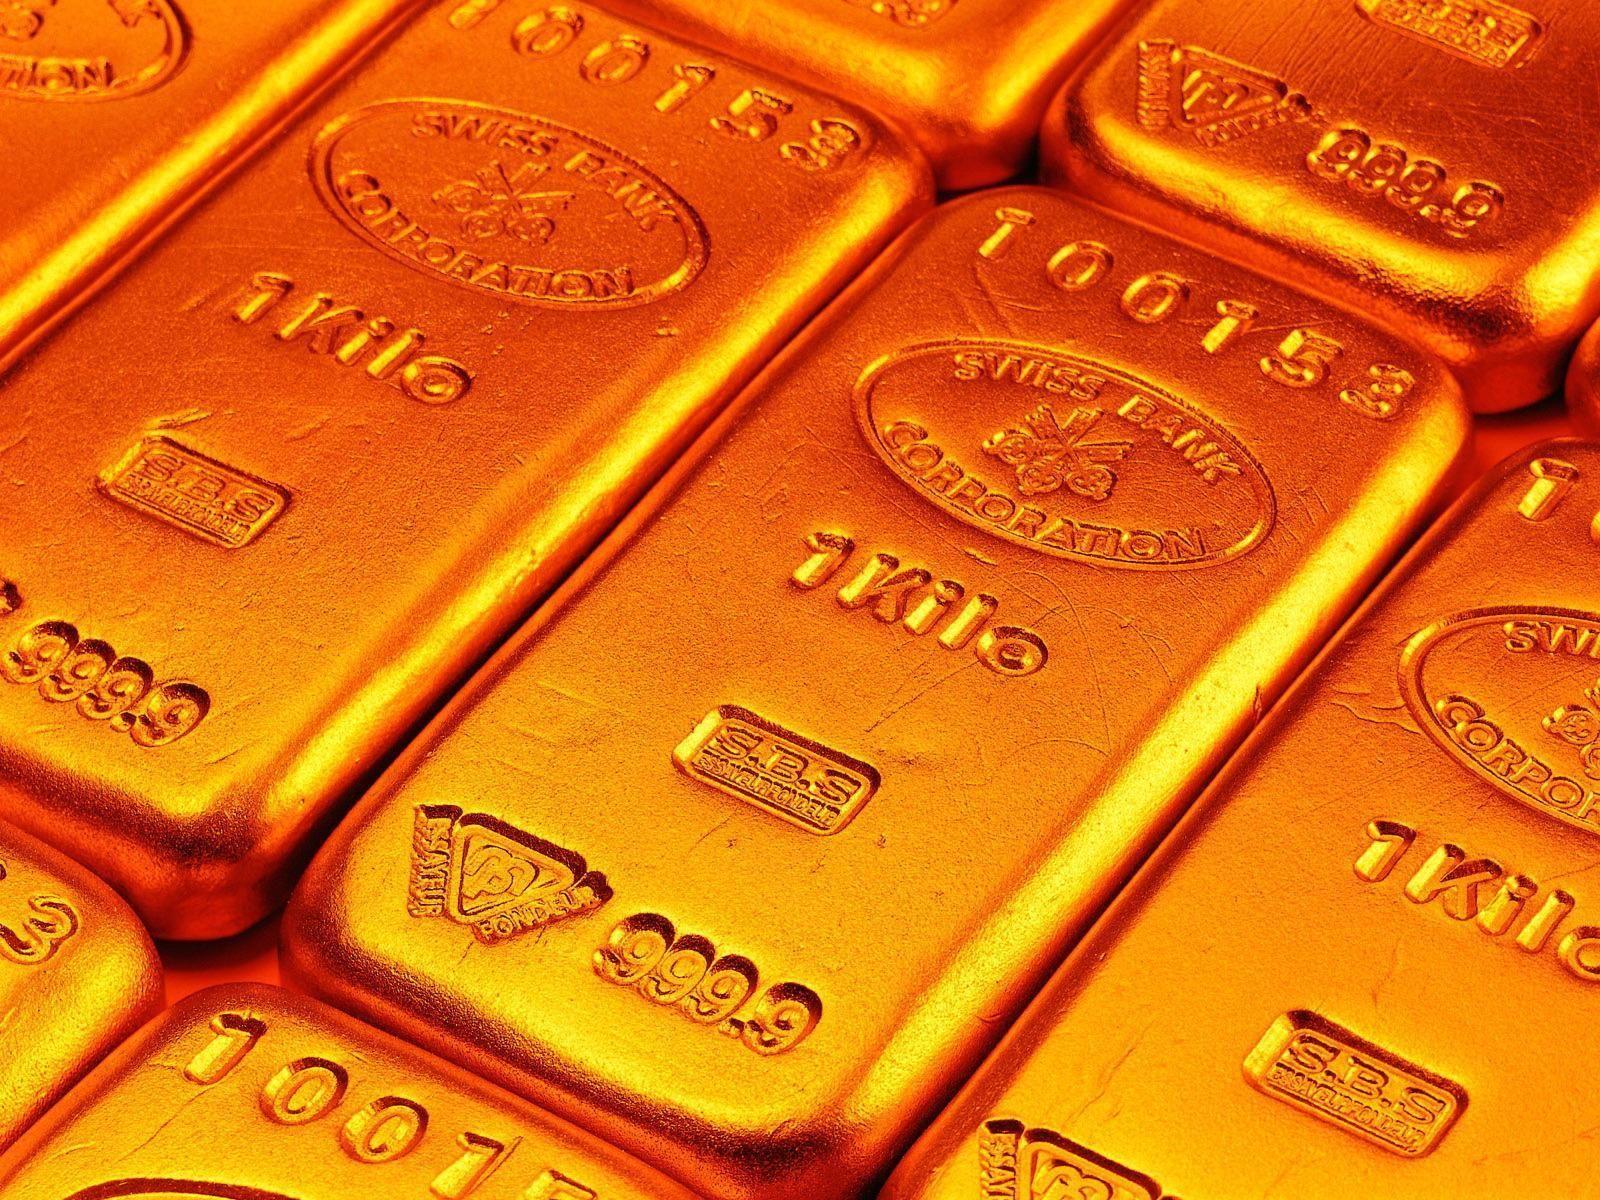 La tempête de l'Or se prépare : Les Systèmes Financiers à l'épreuve de l'Or !